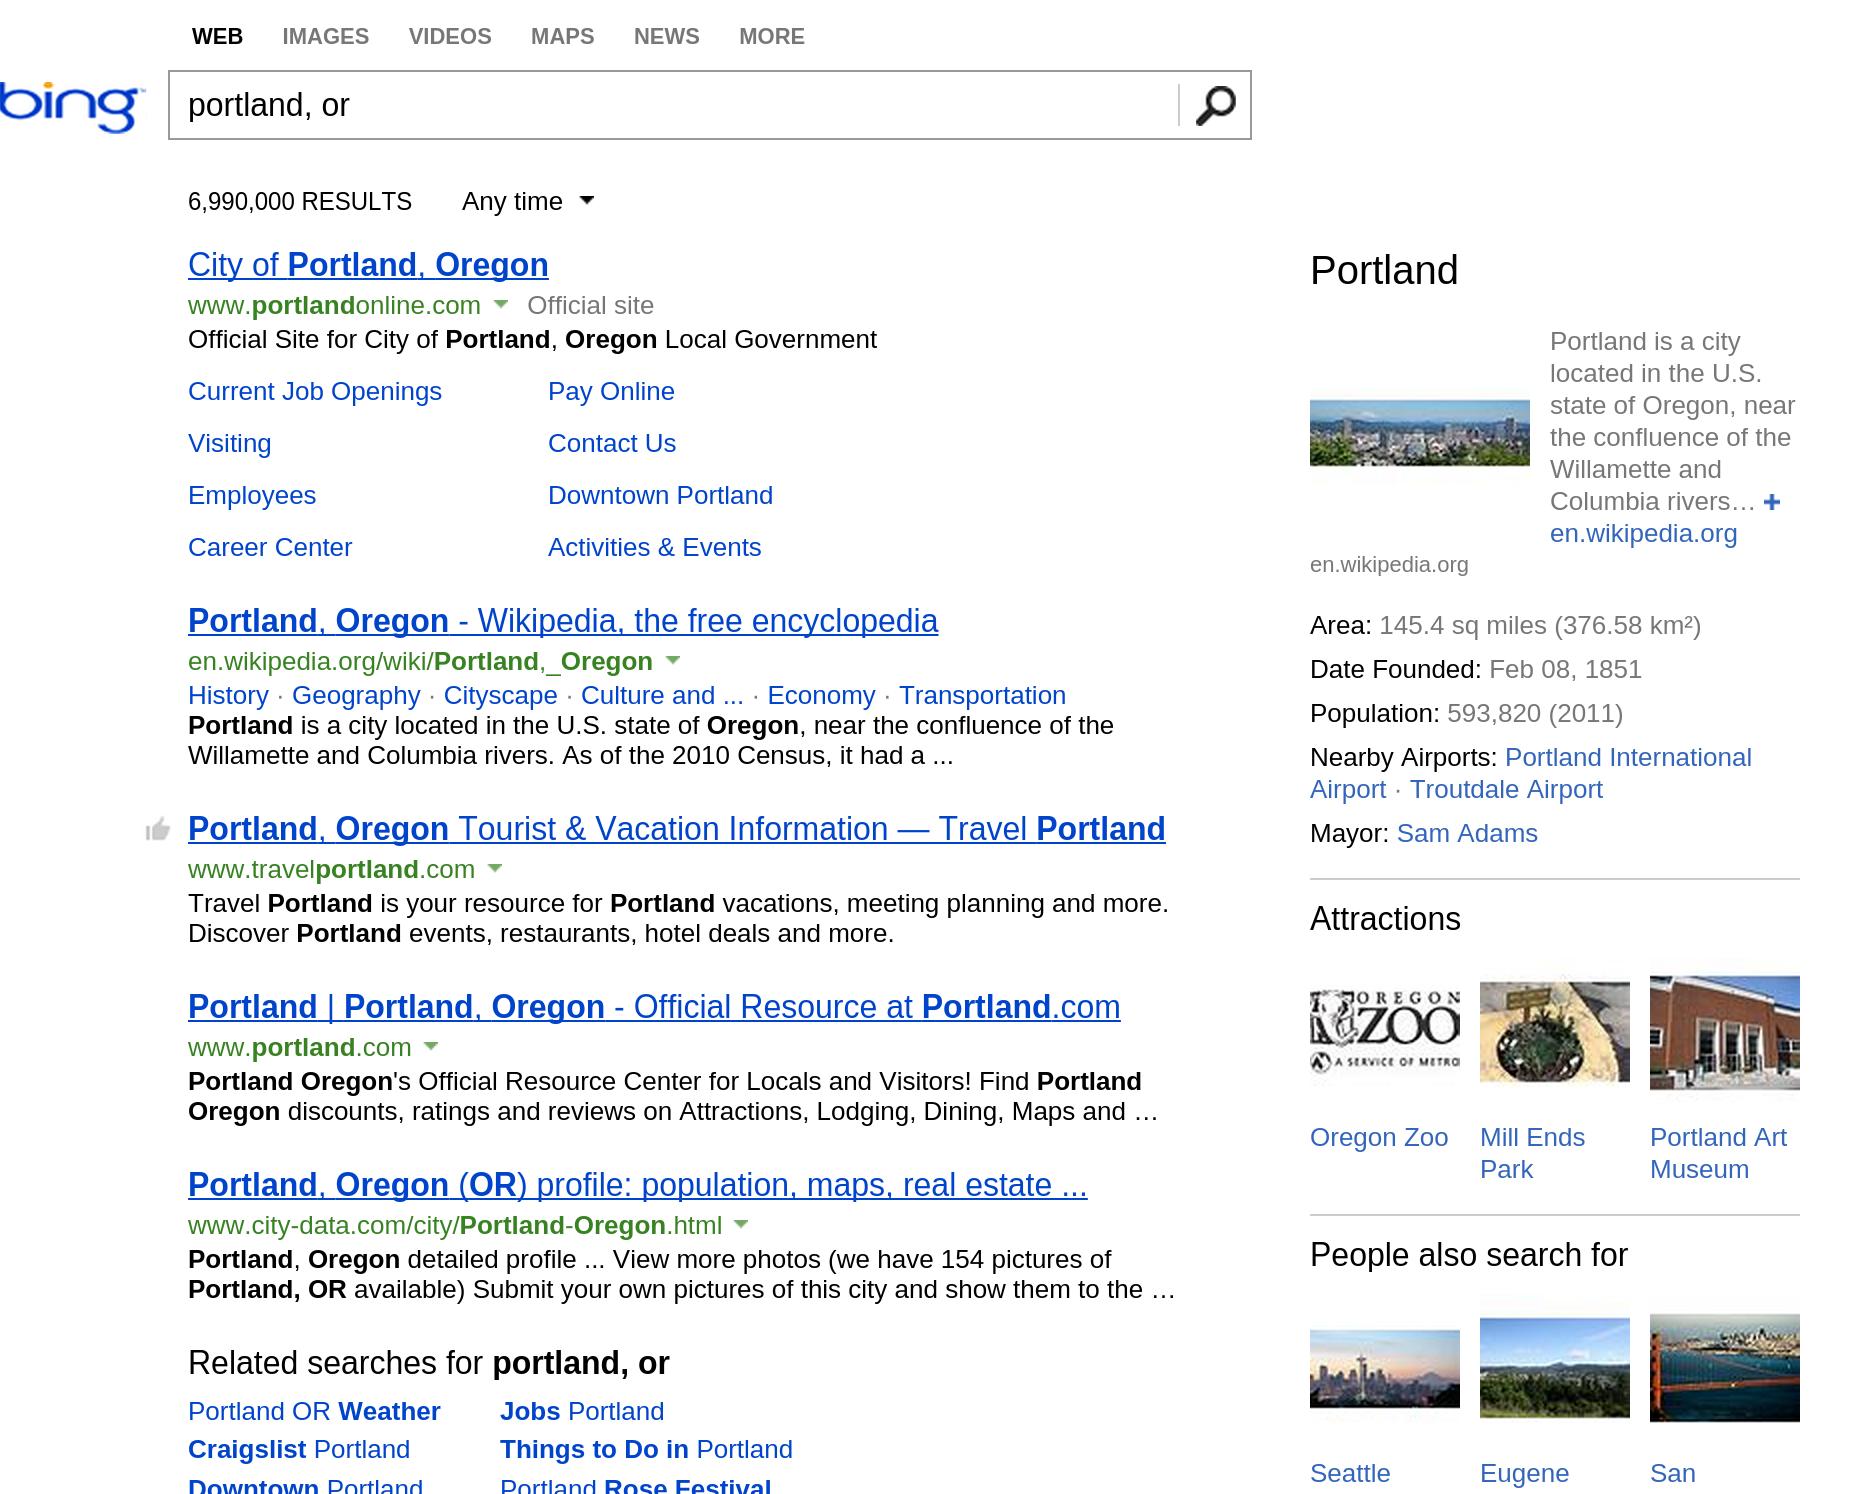 Screenshot 2013-03-19 at 17.10.16